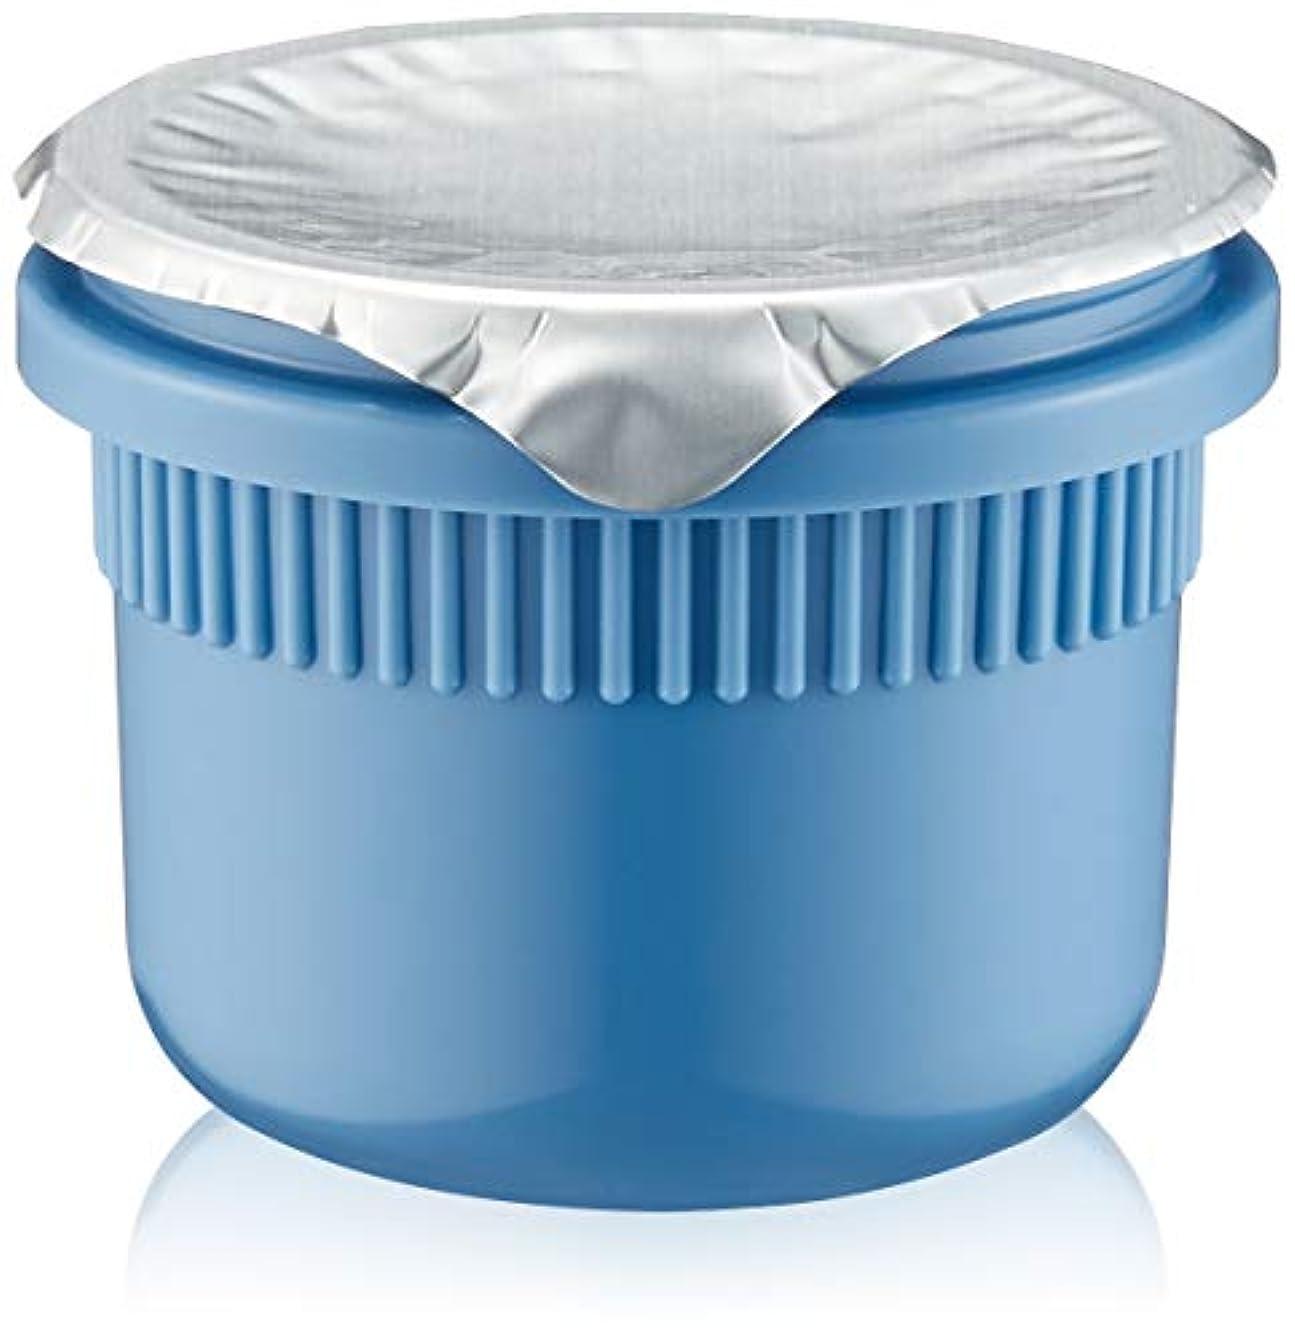 数値ガレージ疑い者DECENCIA(ディセンシア)サエル ホワイトニング クリーム コンセントレートクリーム詰替え用